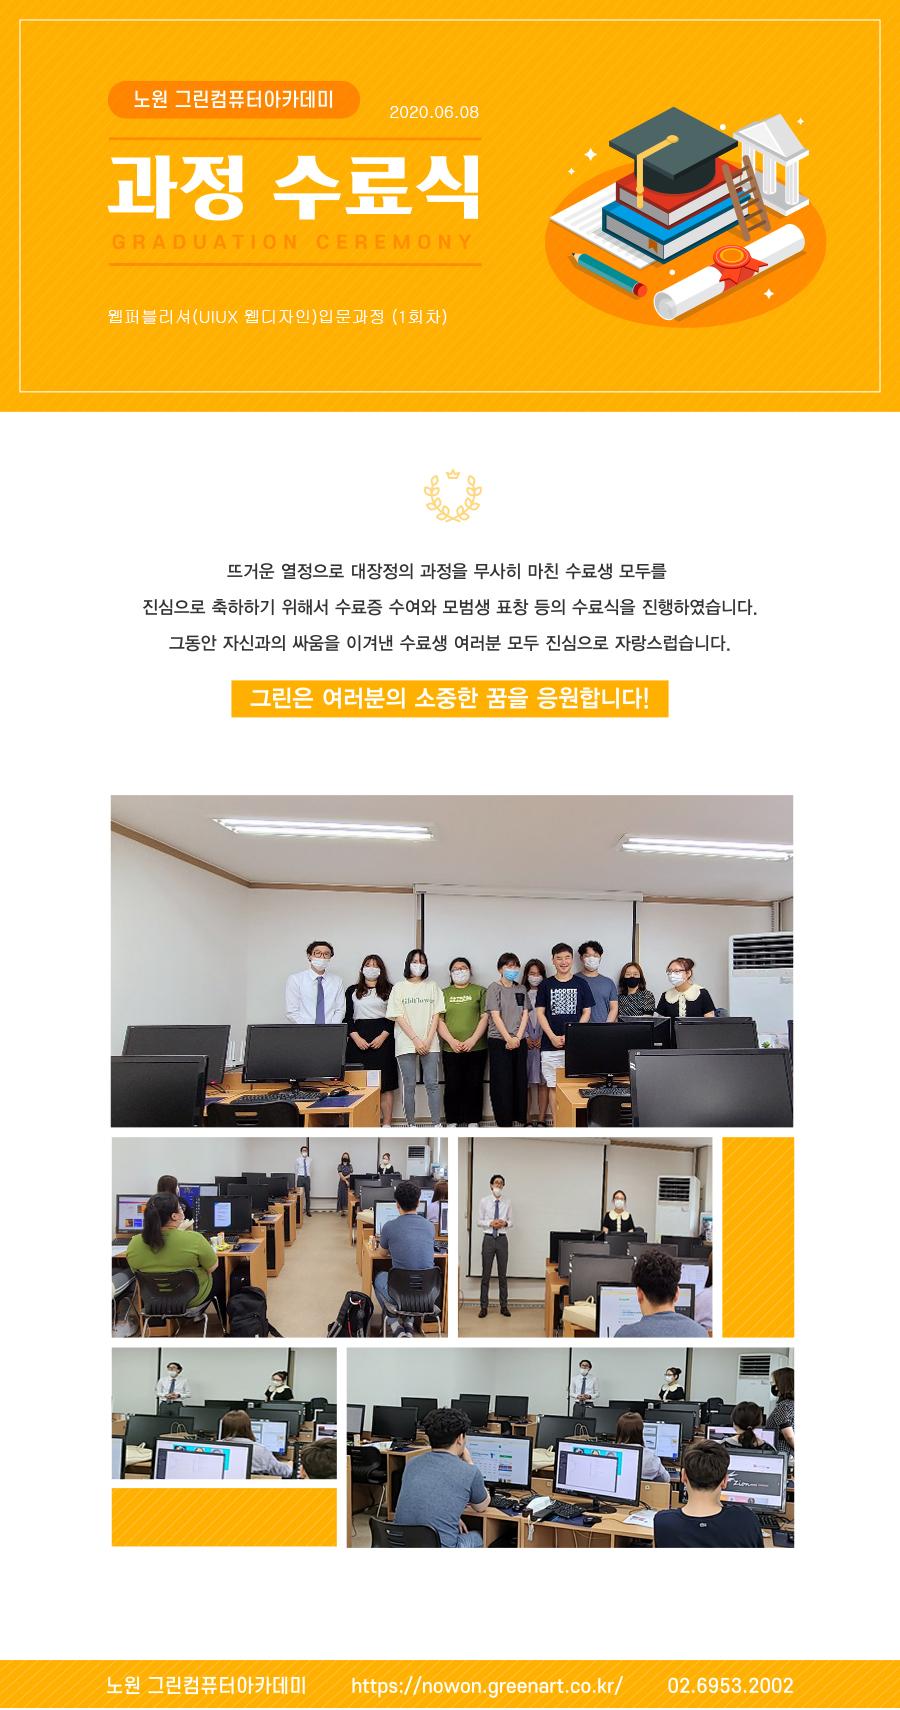 [노원캠퍼스]웹퍼블리셔(UIUX 웹디자인)입문과정_수료식